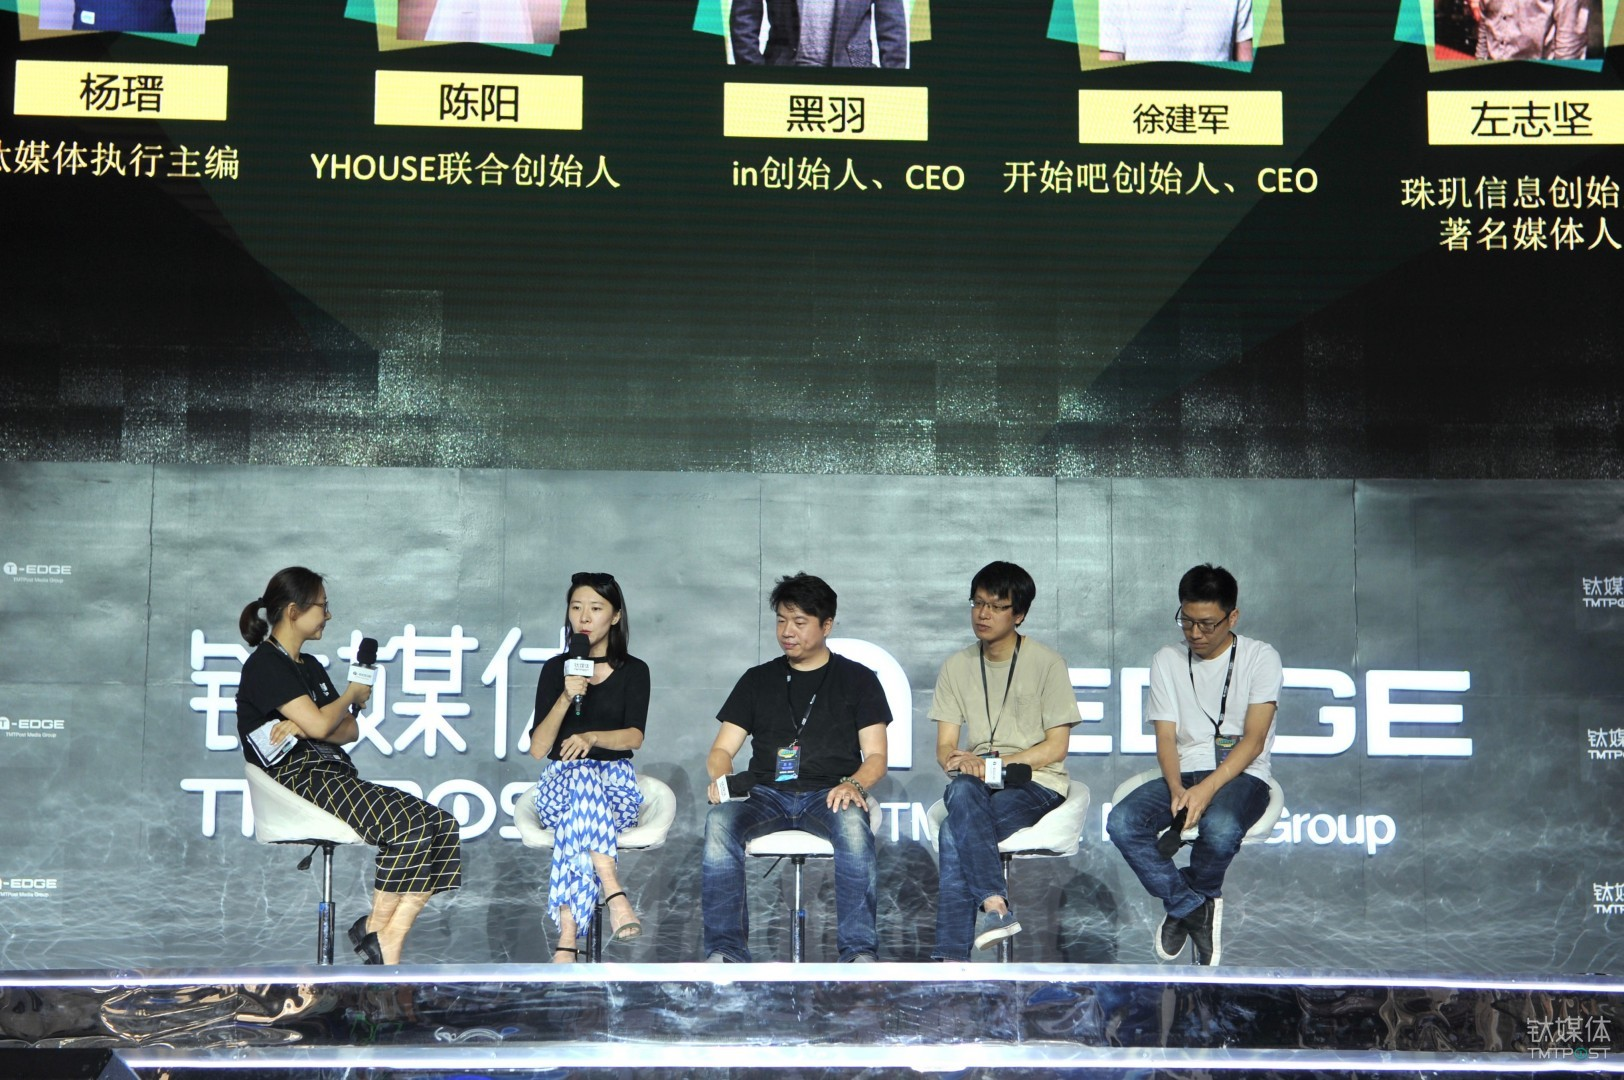 五人在2017钛媒体T-EDGE科技生活节上对话